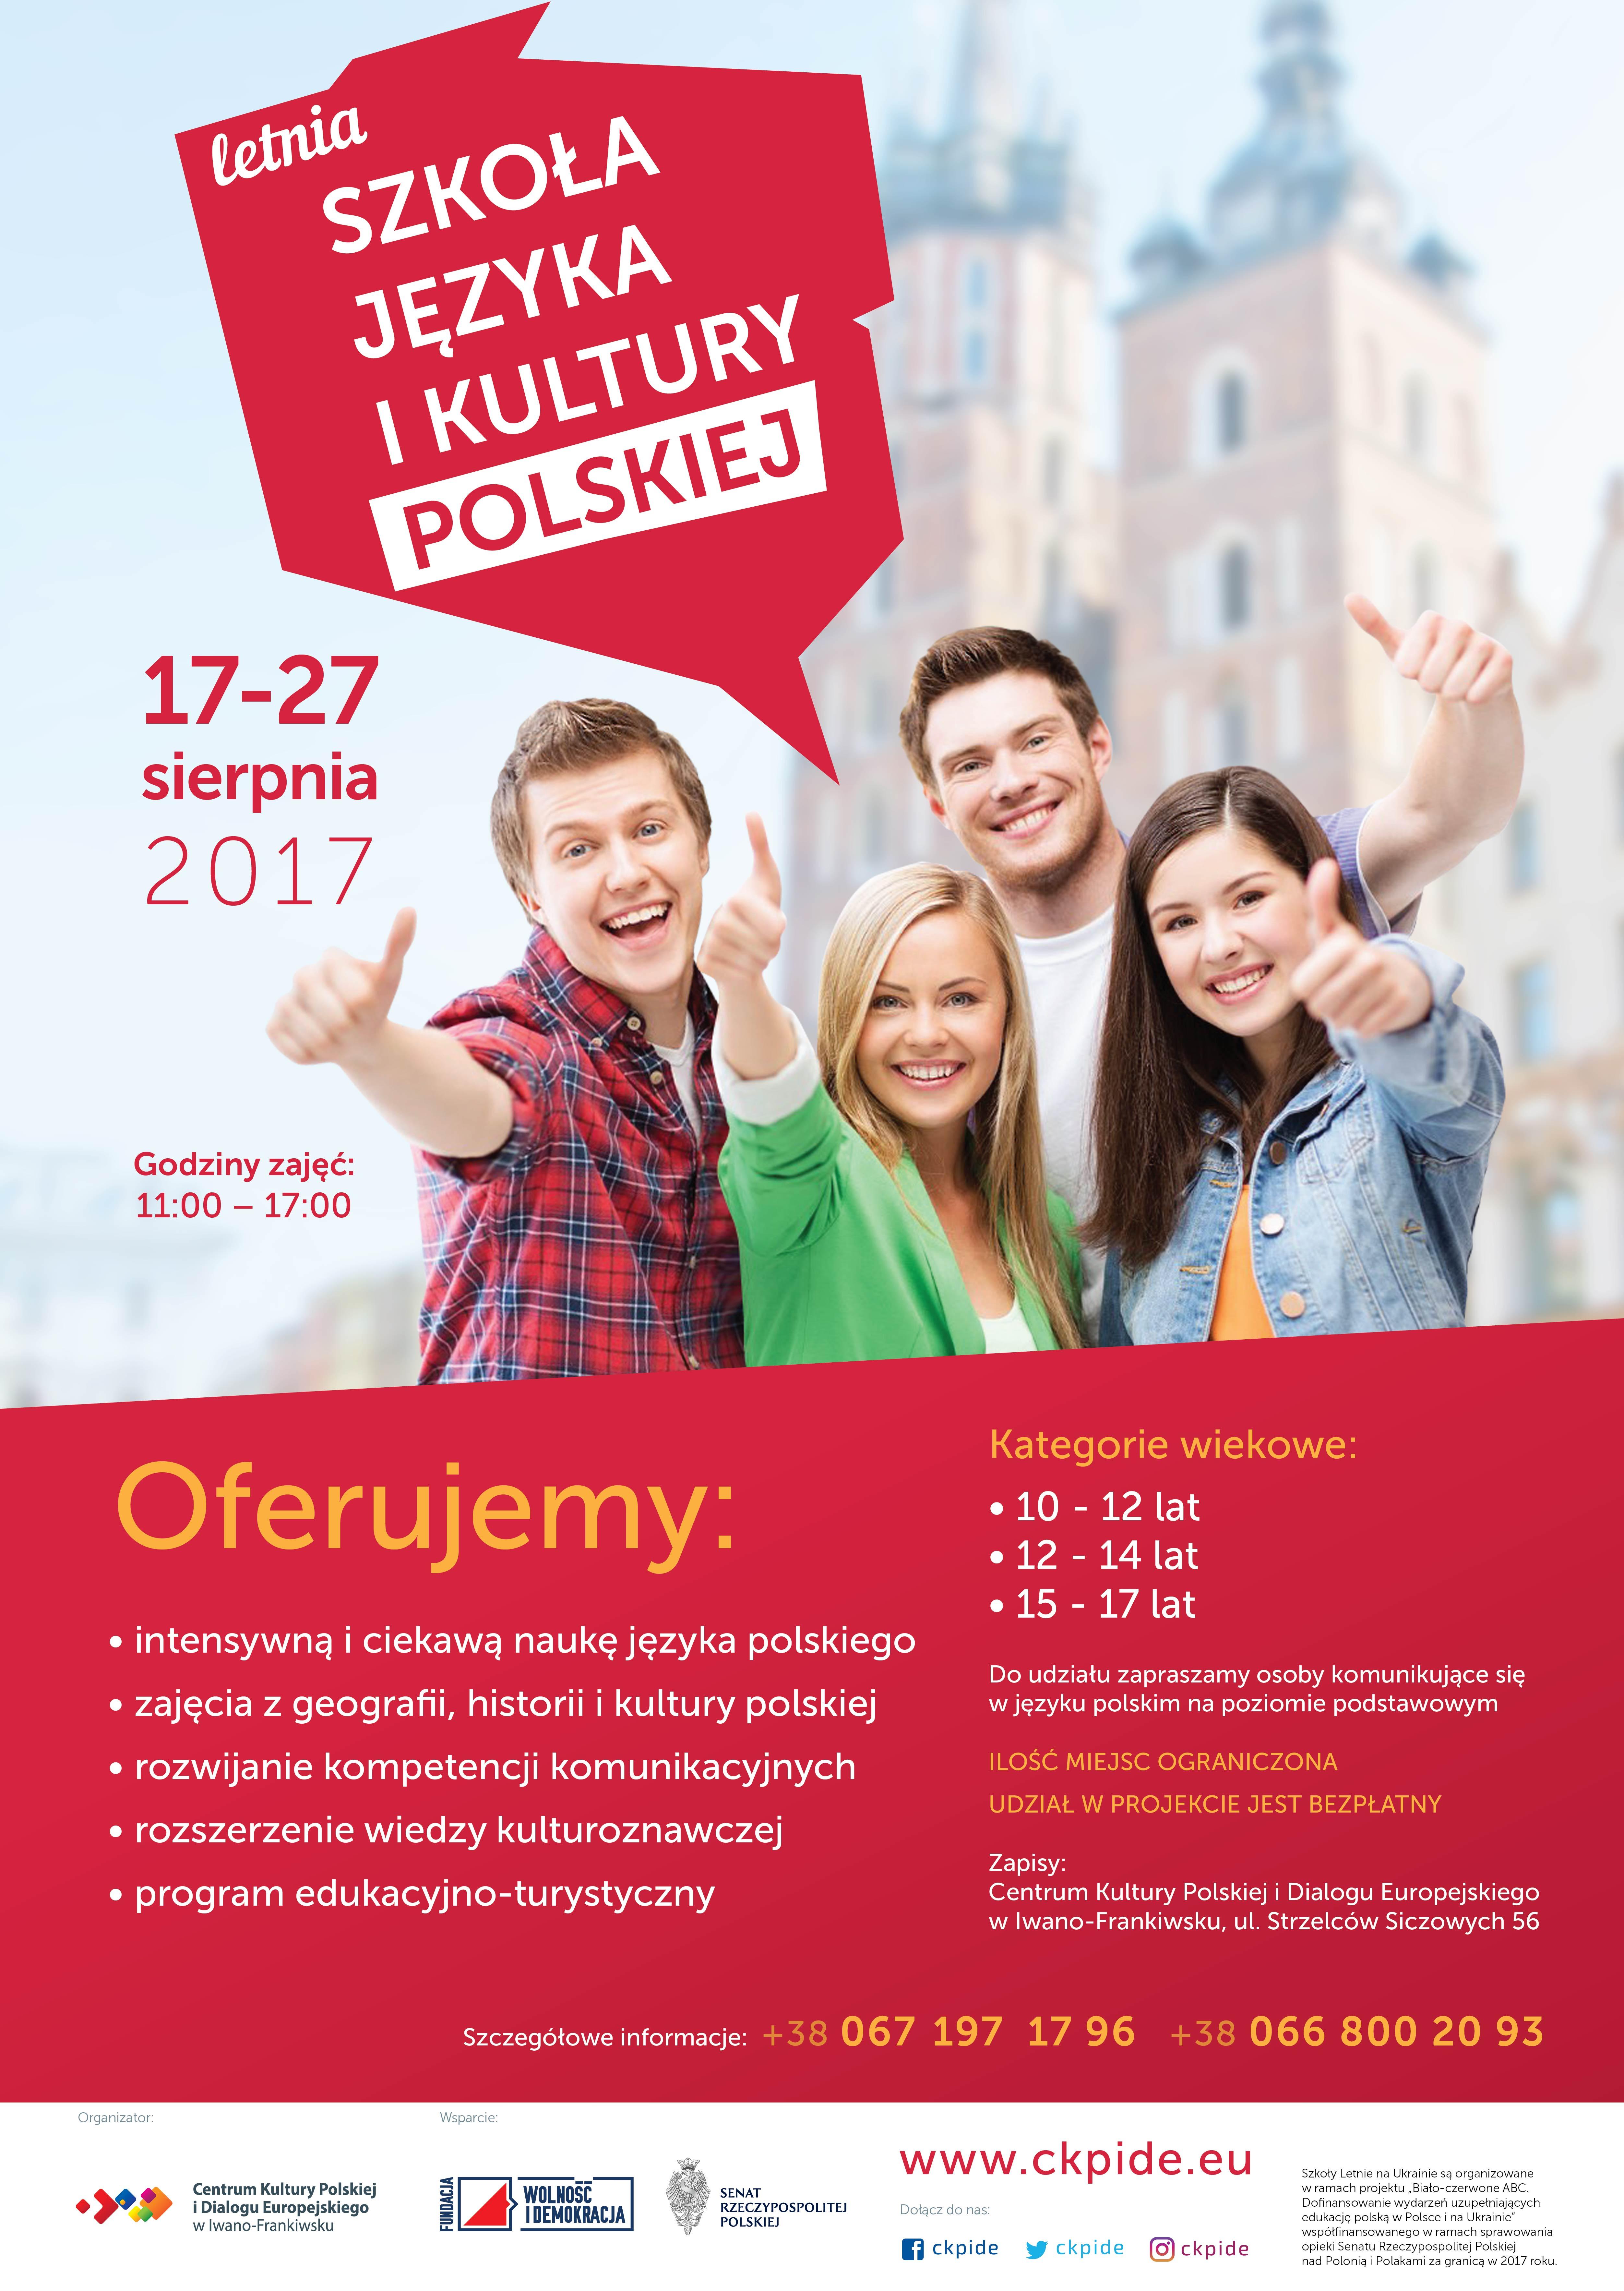 Rusza rekrutacja uczestników Szkoły Letniej w Iwano-Frankiwsku